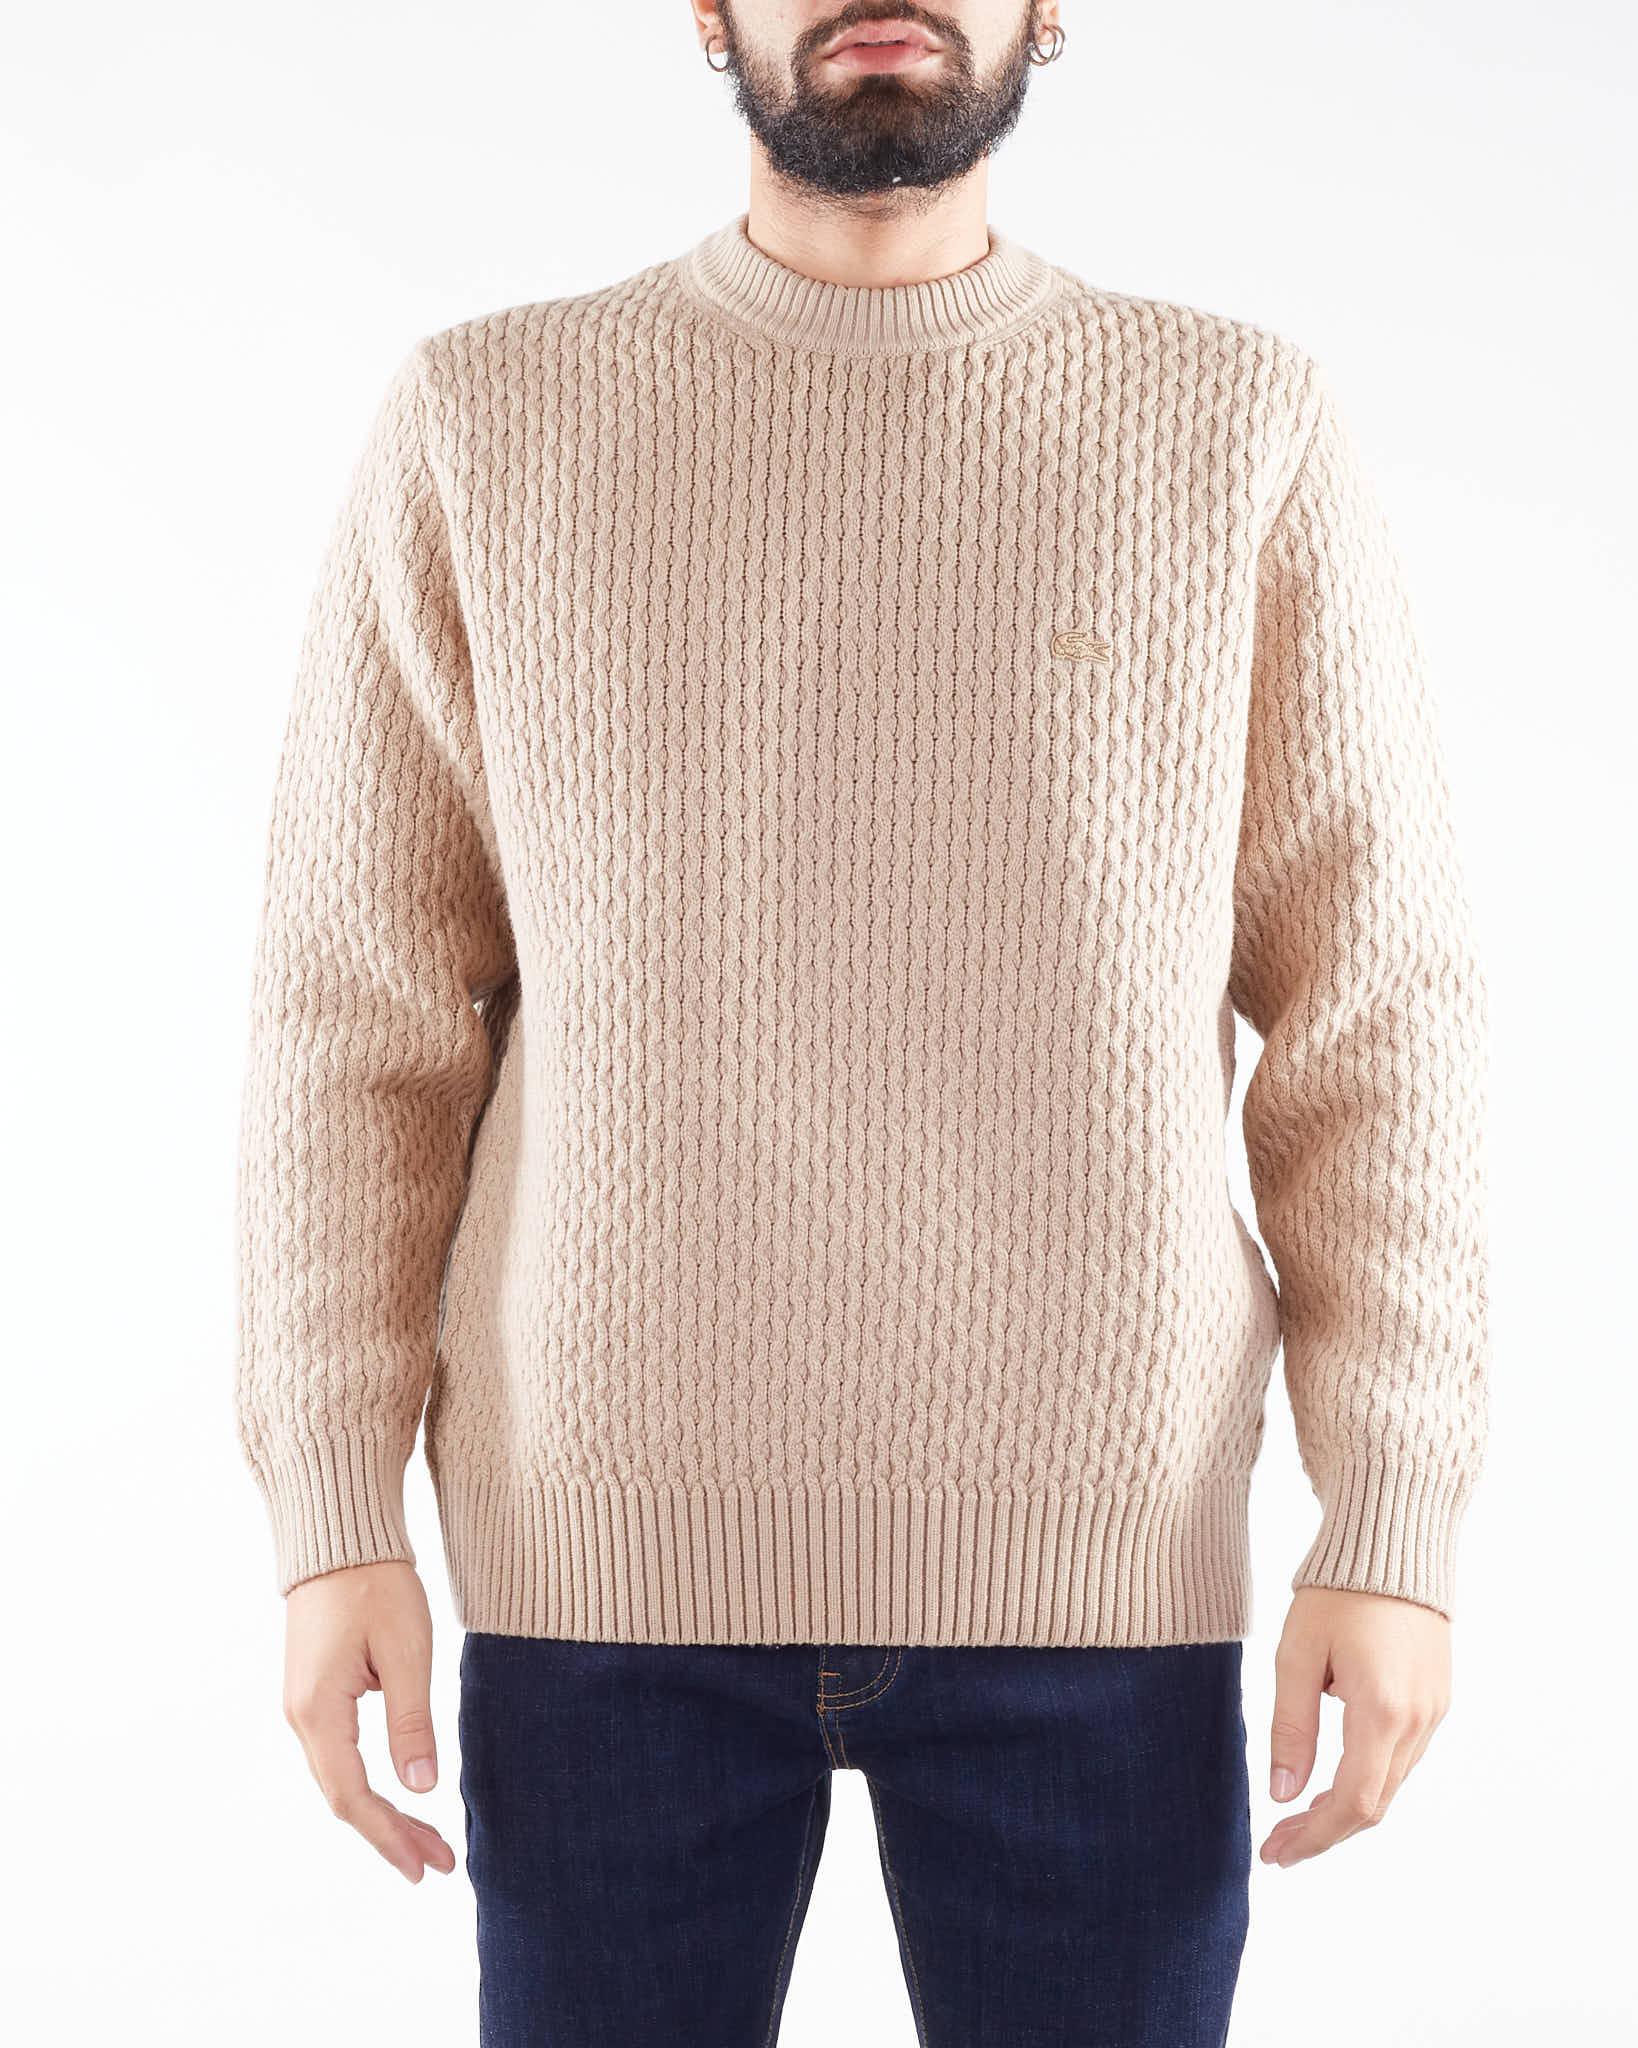 Maglia a trecce di lana e cashmere con girocollo Lacoste LACOSTE   Maglia   AH6799GE2